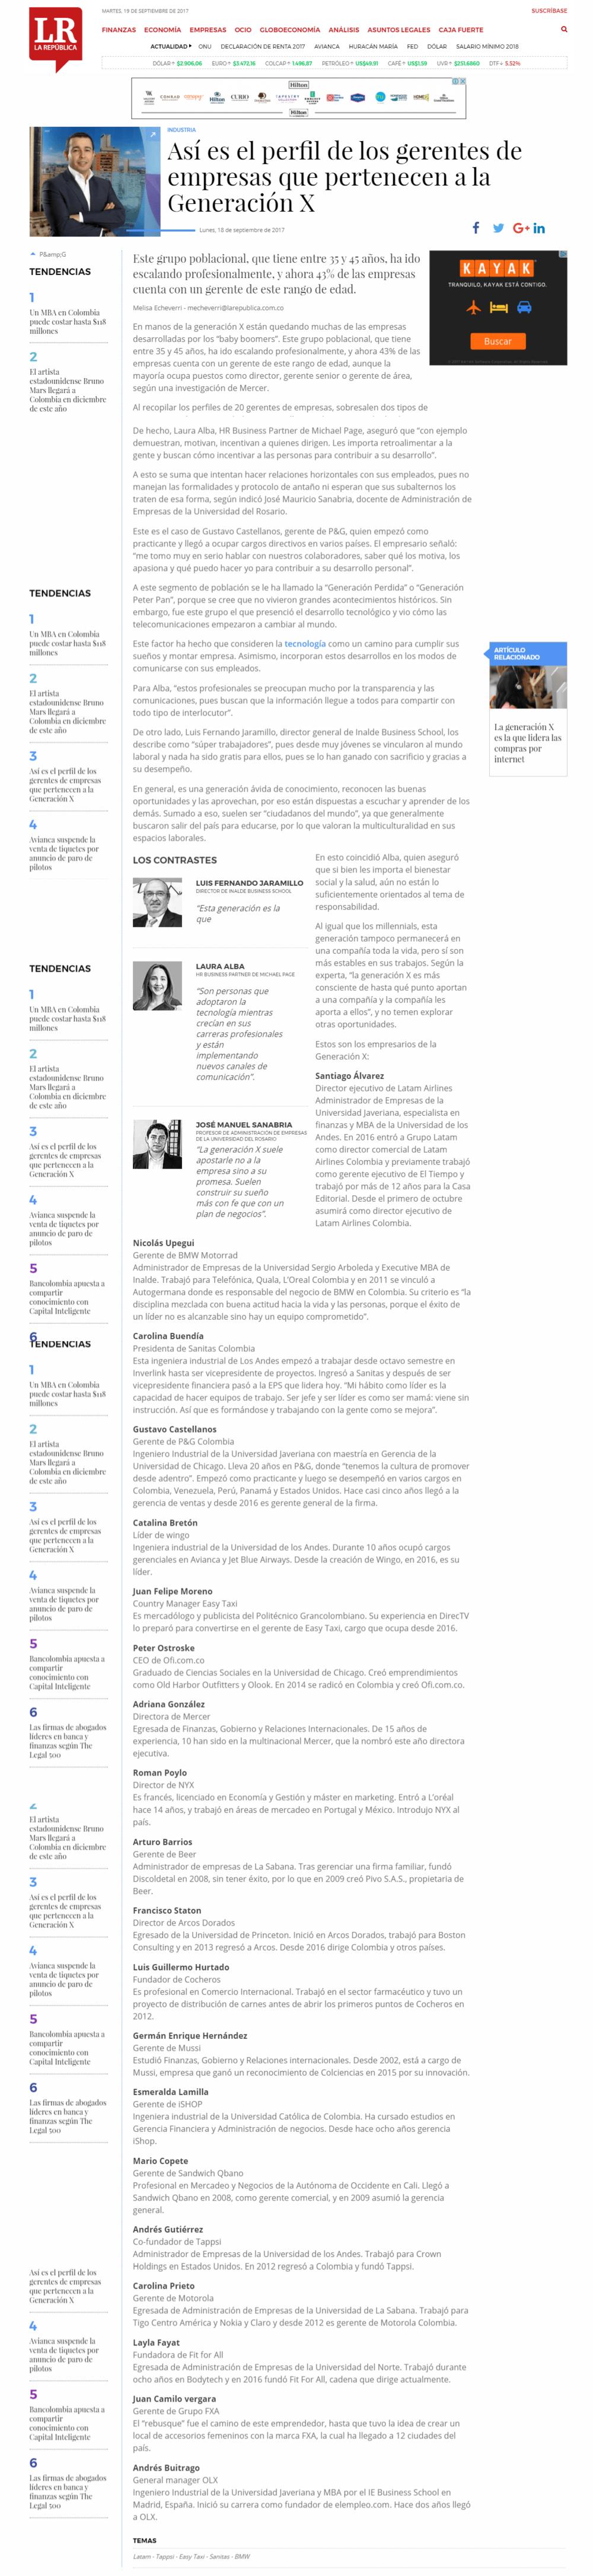 Así es el perfil de los gerentes de empresas que pertenecen a la Generación X